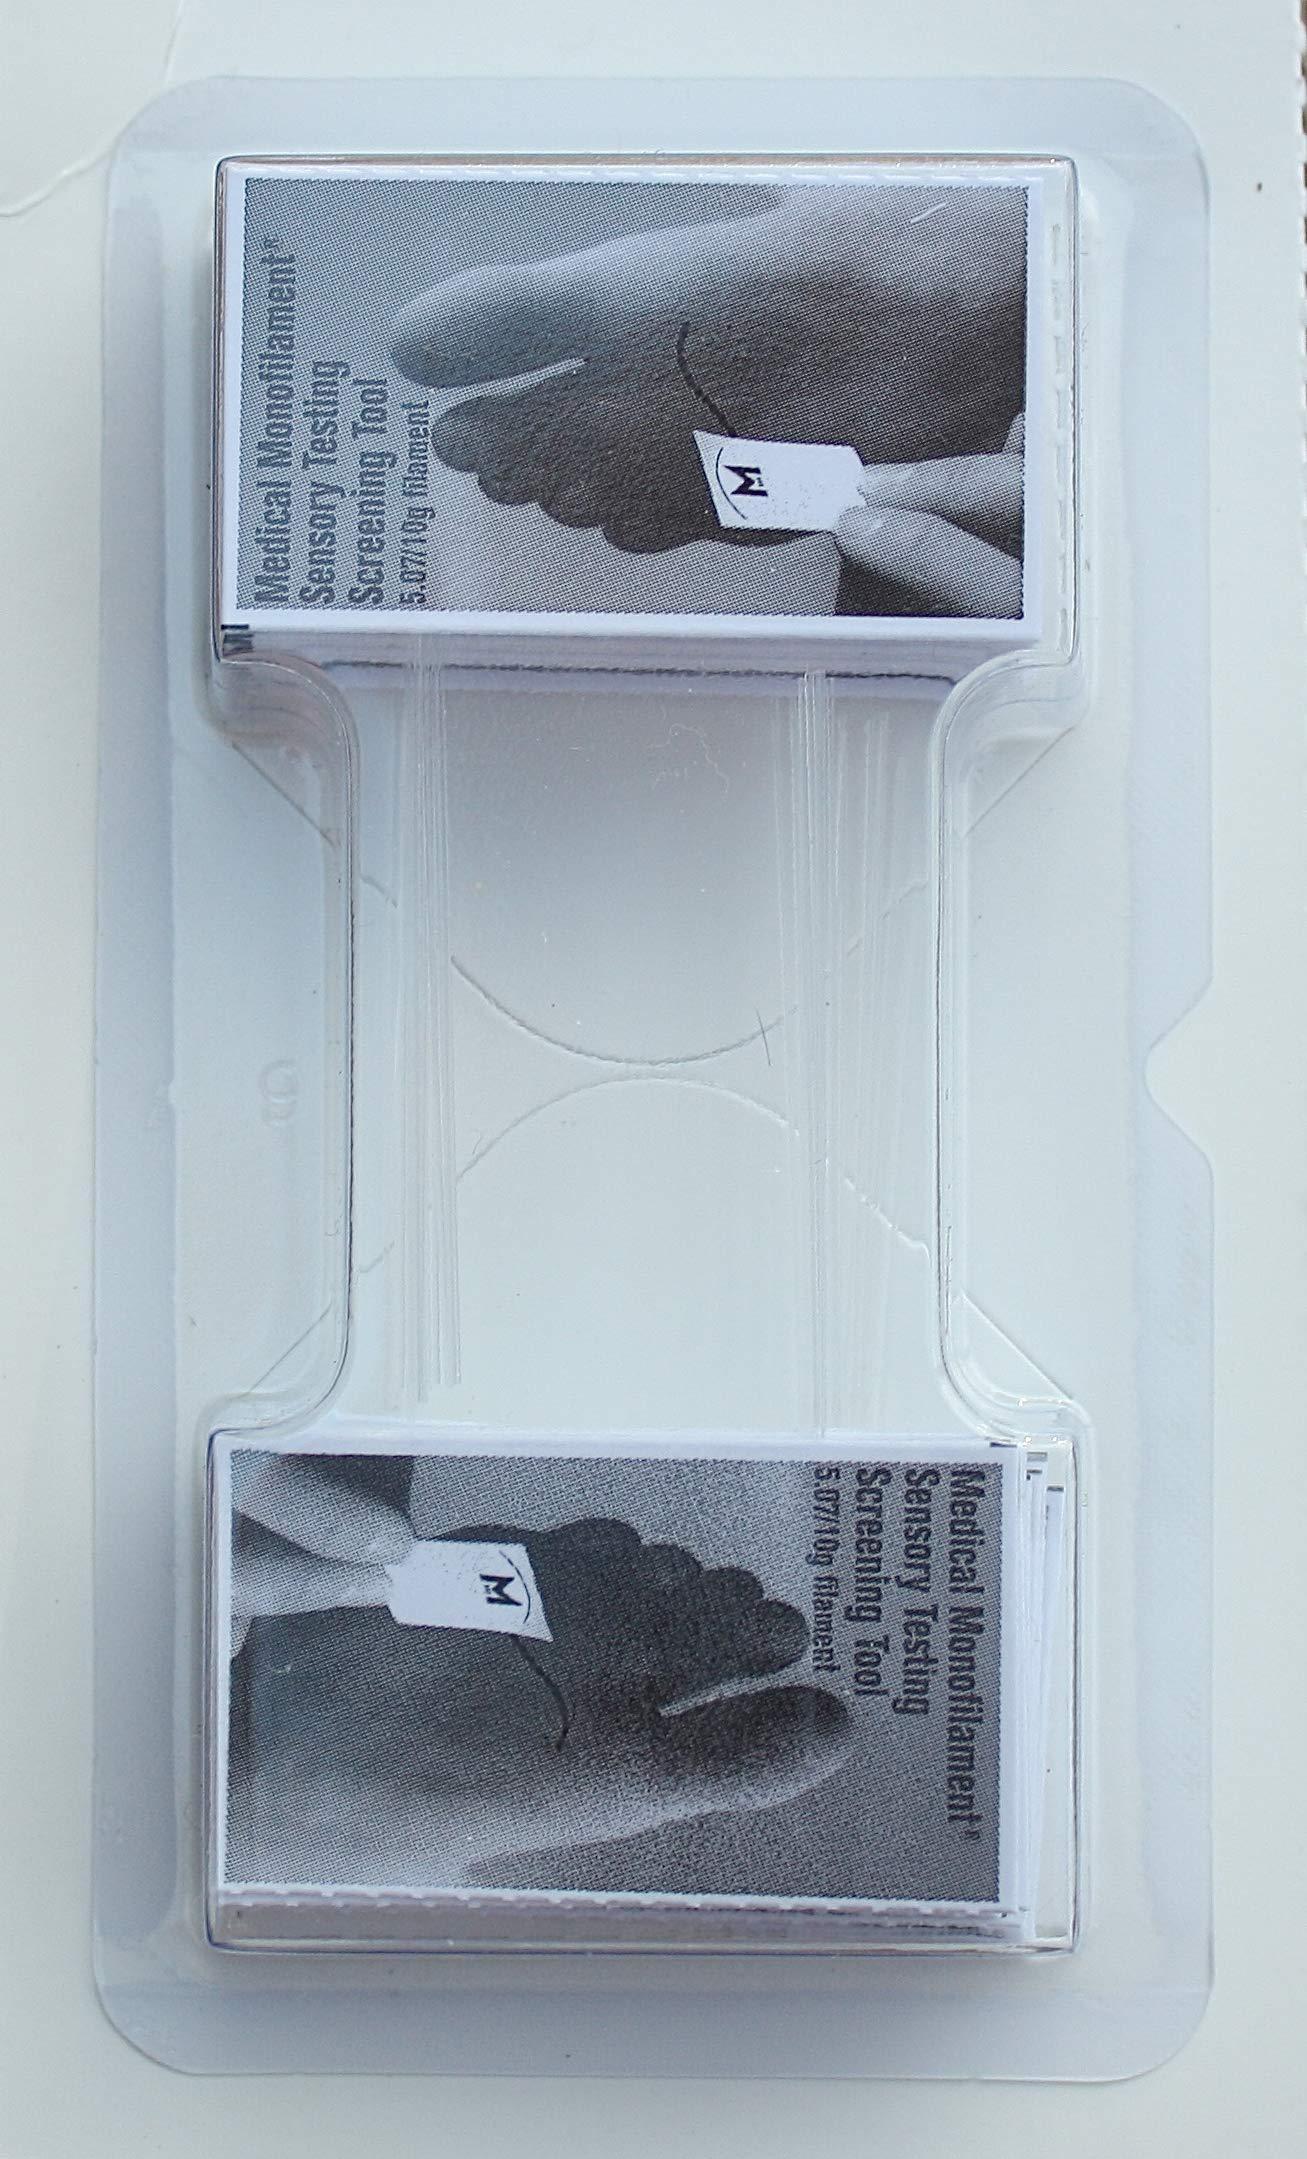 Monofilament 20-Pack: 10 Gram monofilaments for Diabetic Foot screening